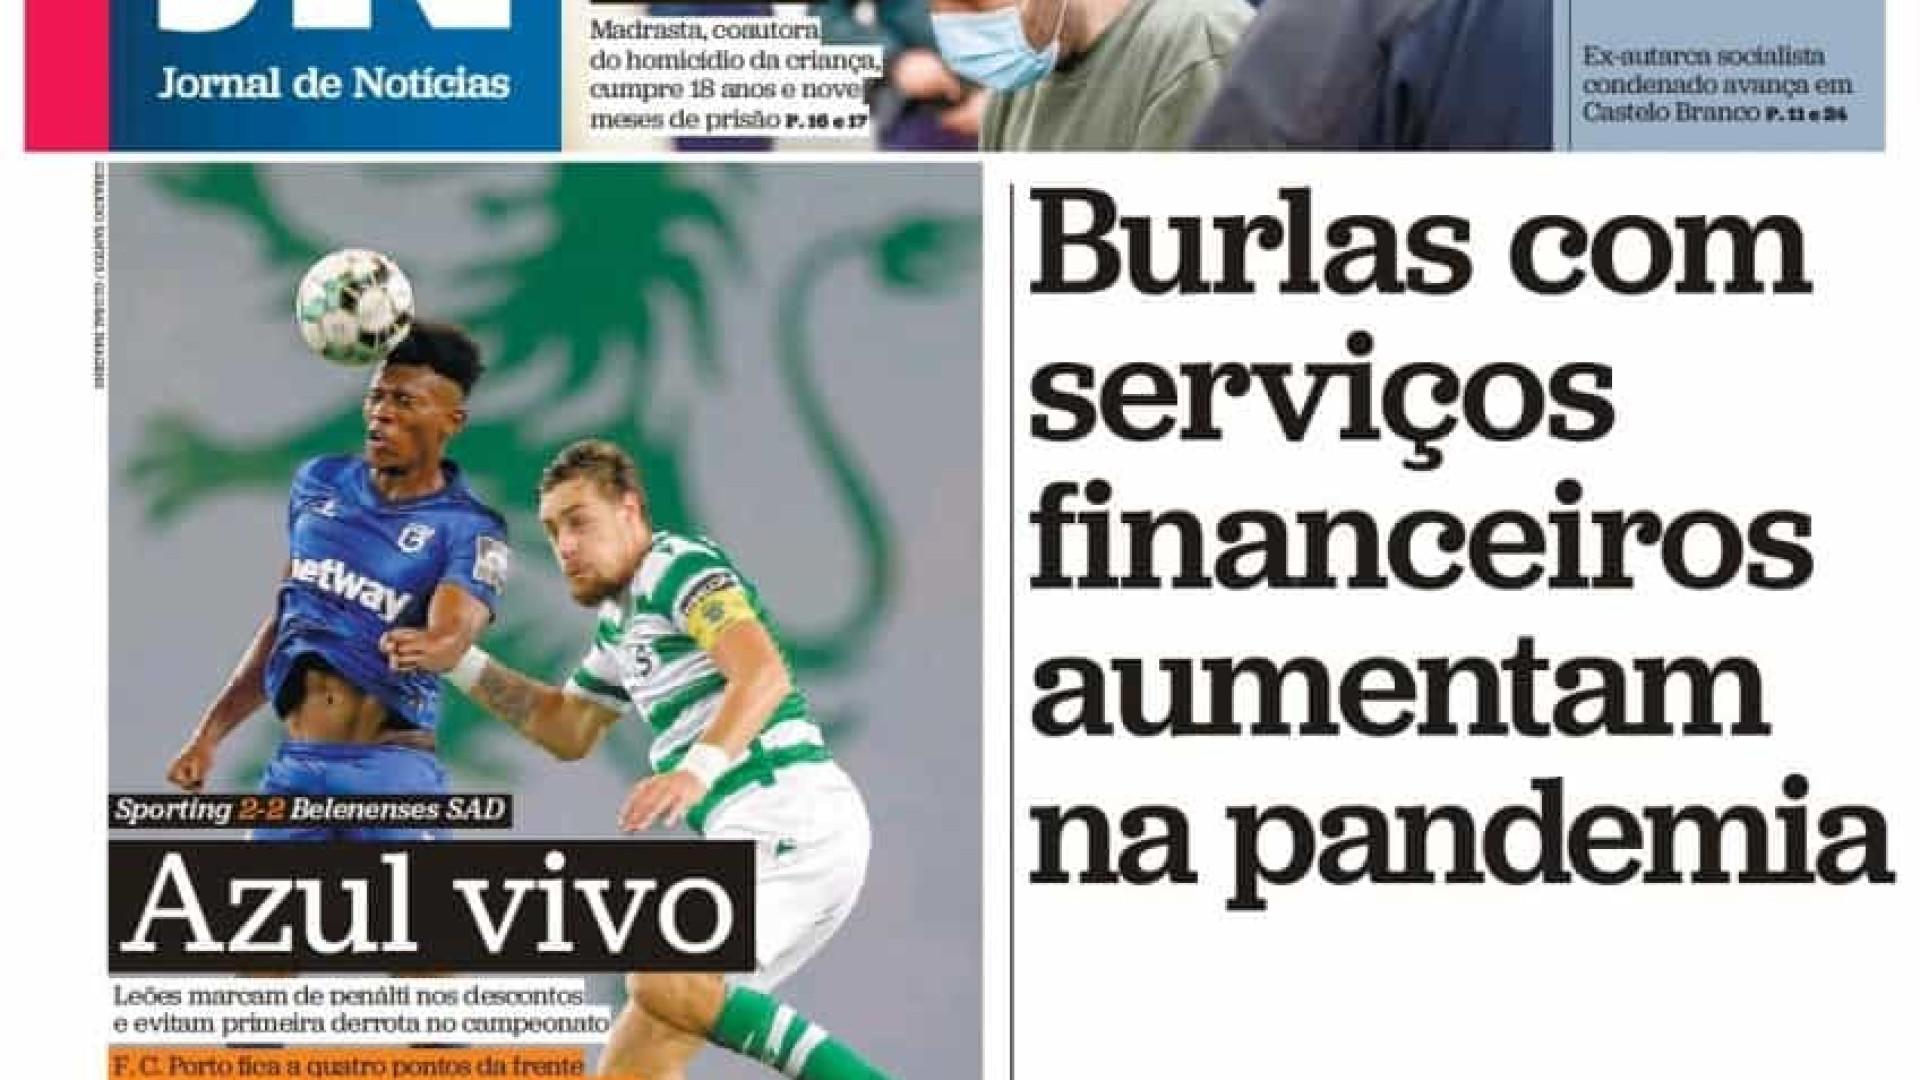 Hoje é notícia: Burlas com serviços financeiros sobem; 'Burnout' parental